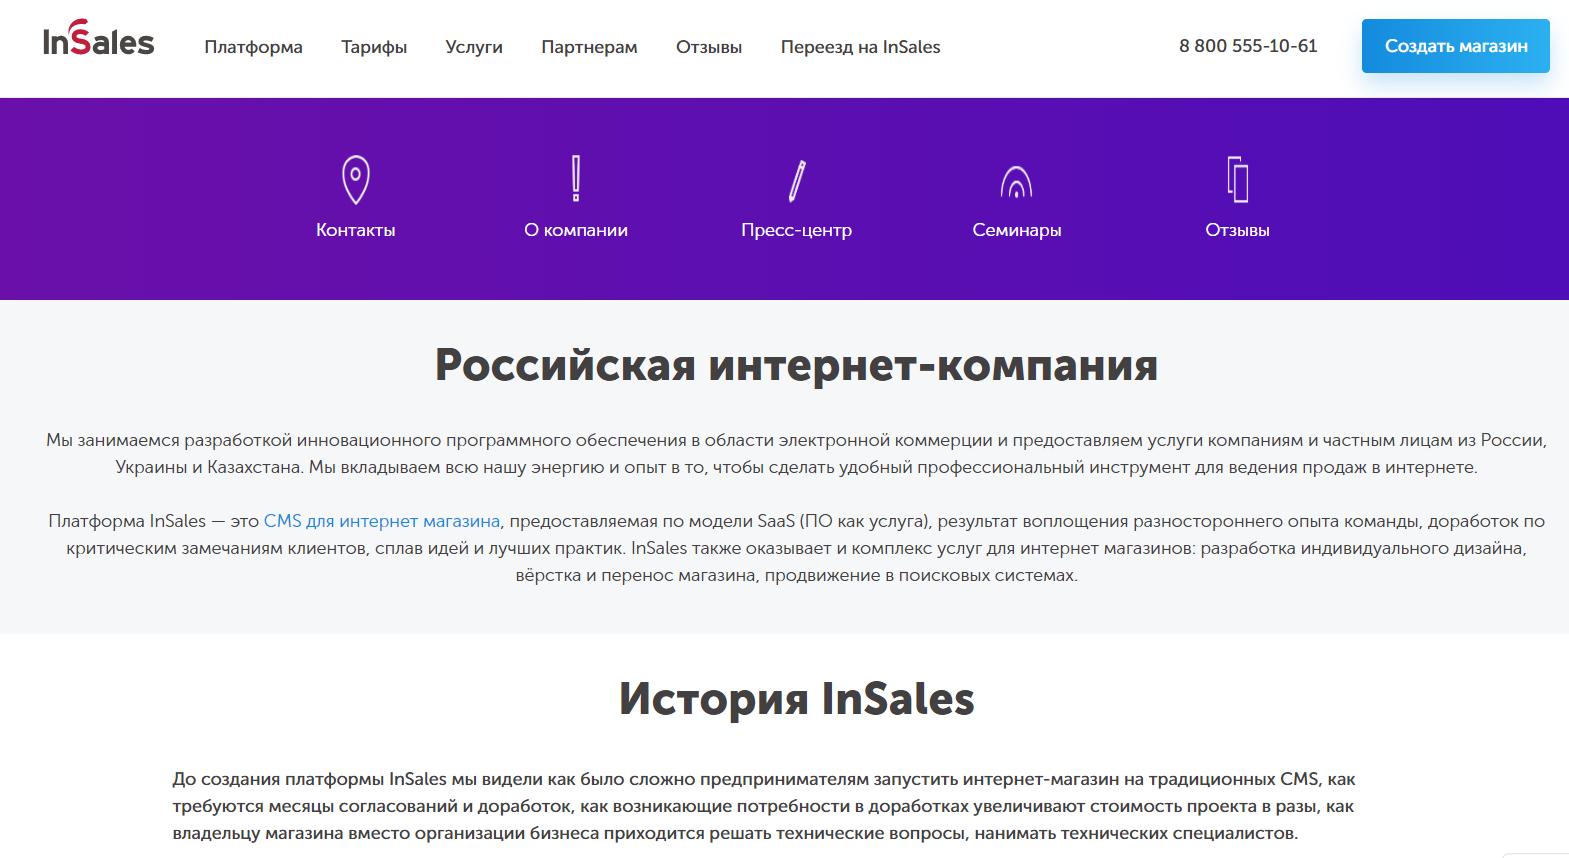 Страница  компании на сайте InSales